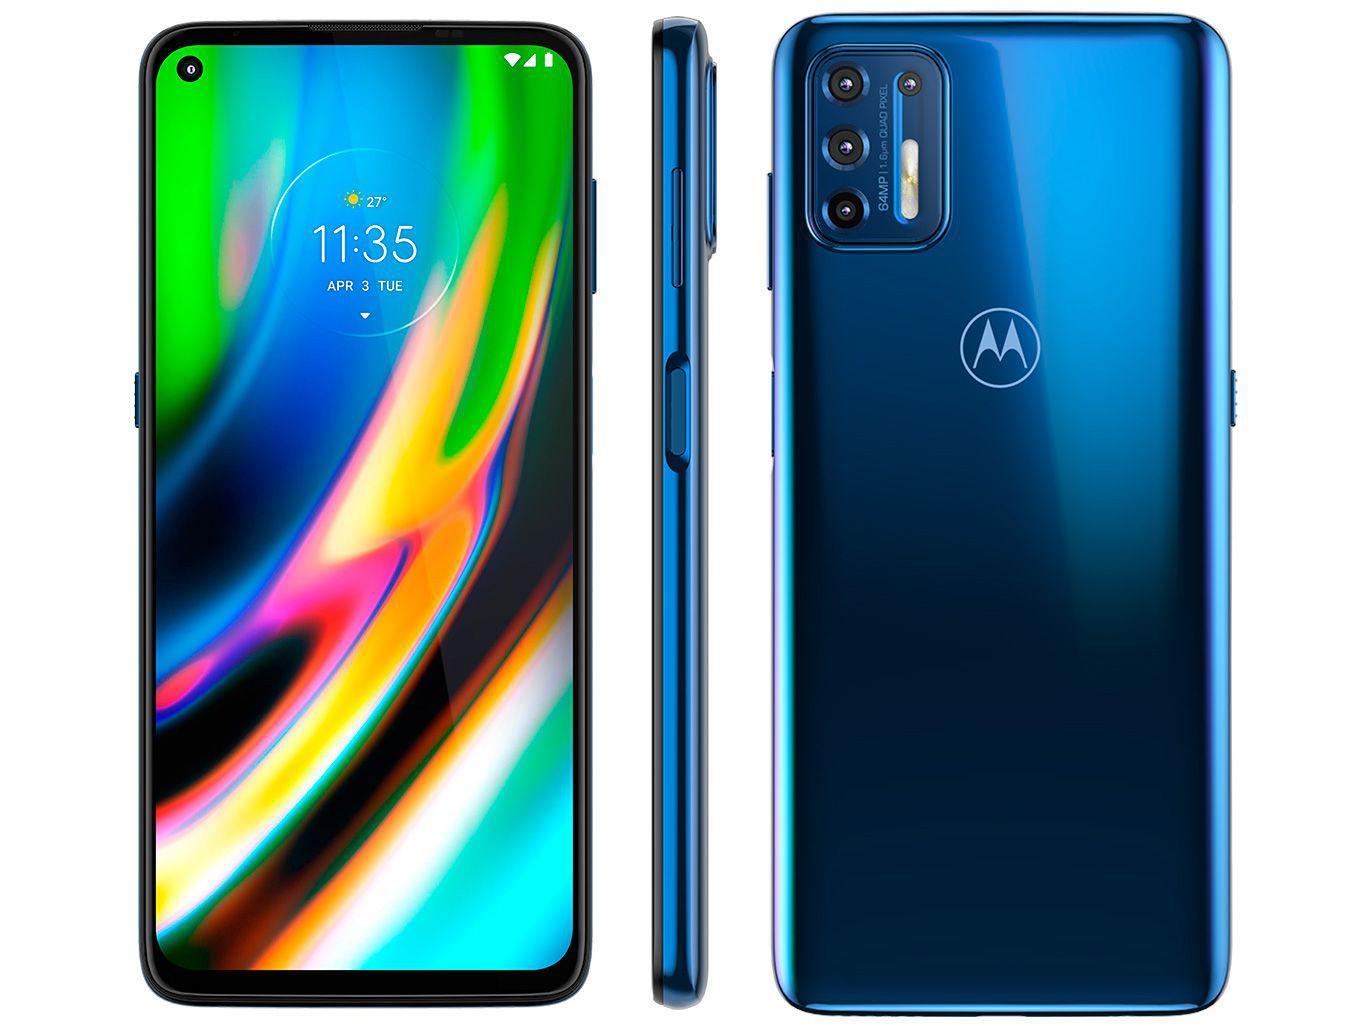 Smartphone Motorola Moto G9 Plus Azul Índigo 128gb, 4gb Ram, Tela de 6.8?, Câmera Traseira Quádrupla, Android 10 e Processador Octa-core